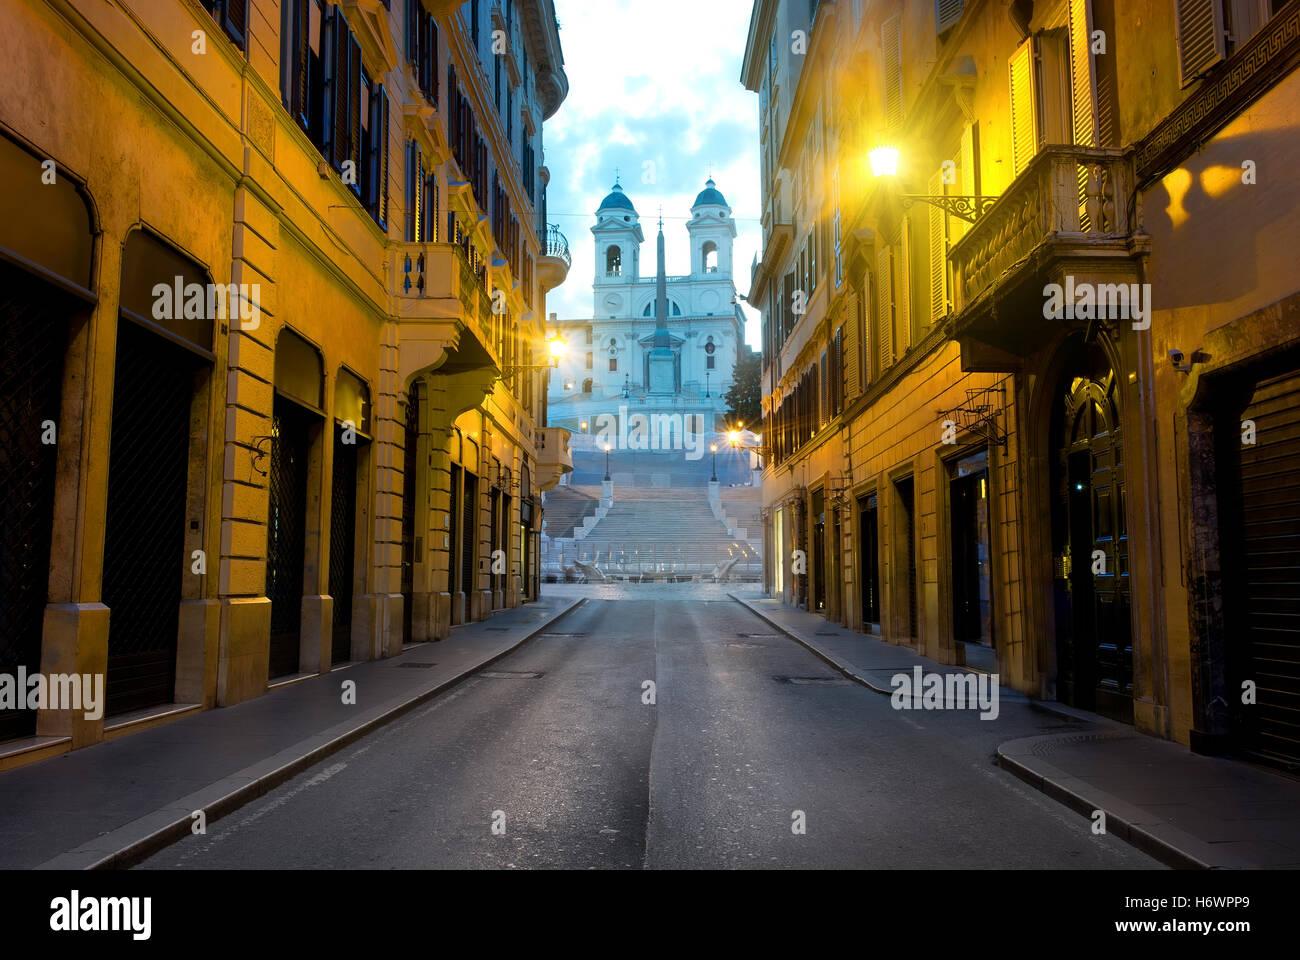 Famosa Scalinata spagnola e la strada romana al mattino, Italia Immagini Stock